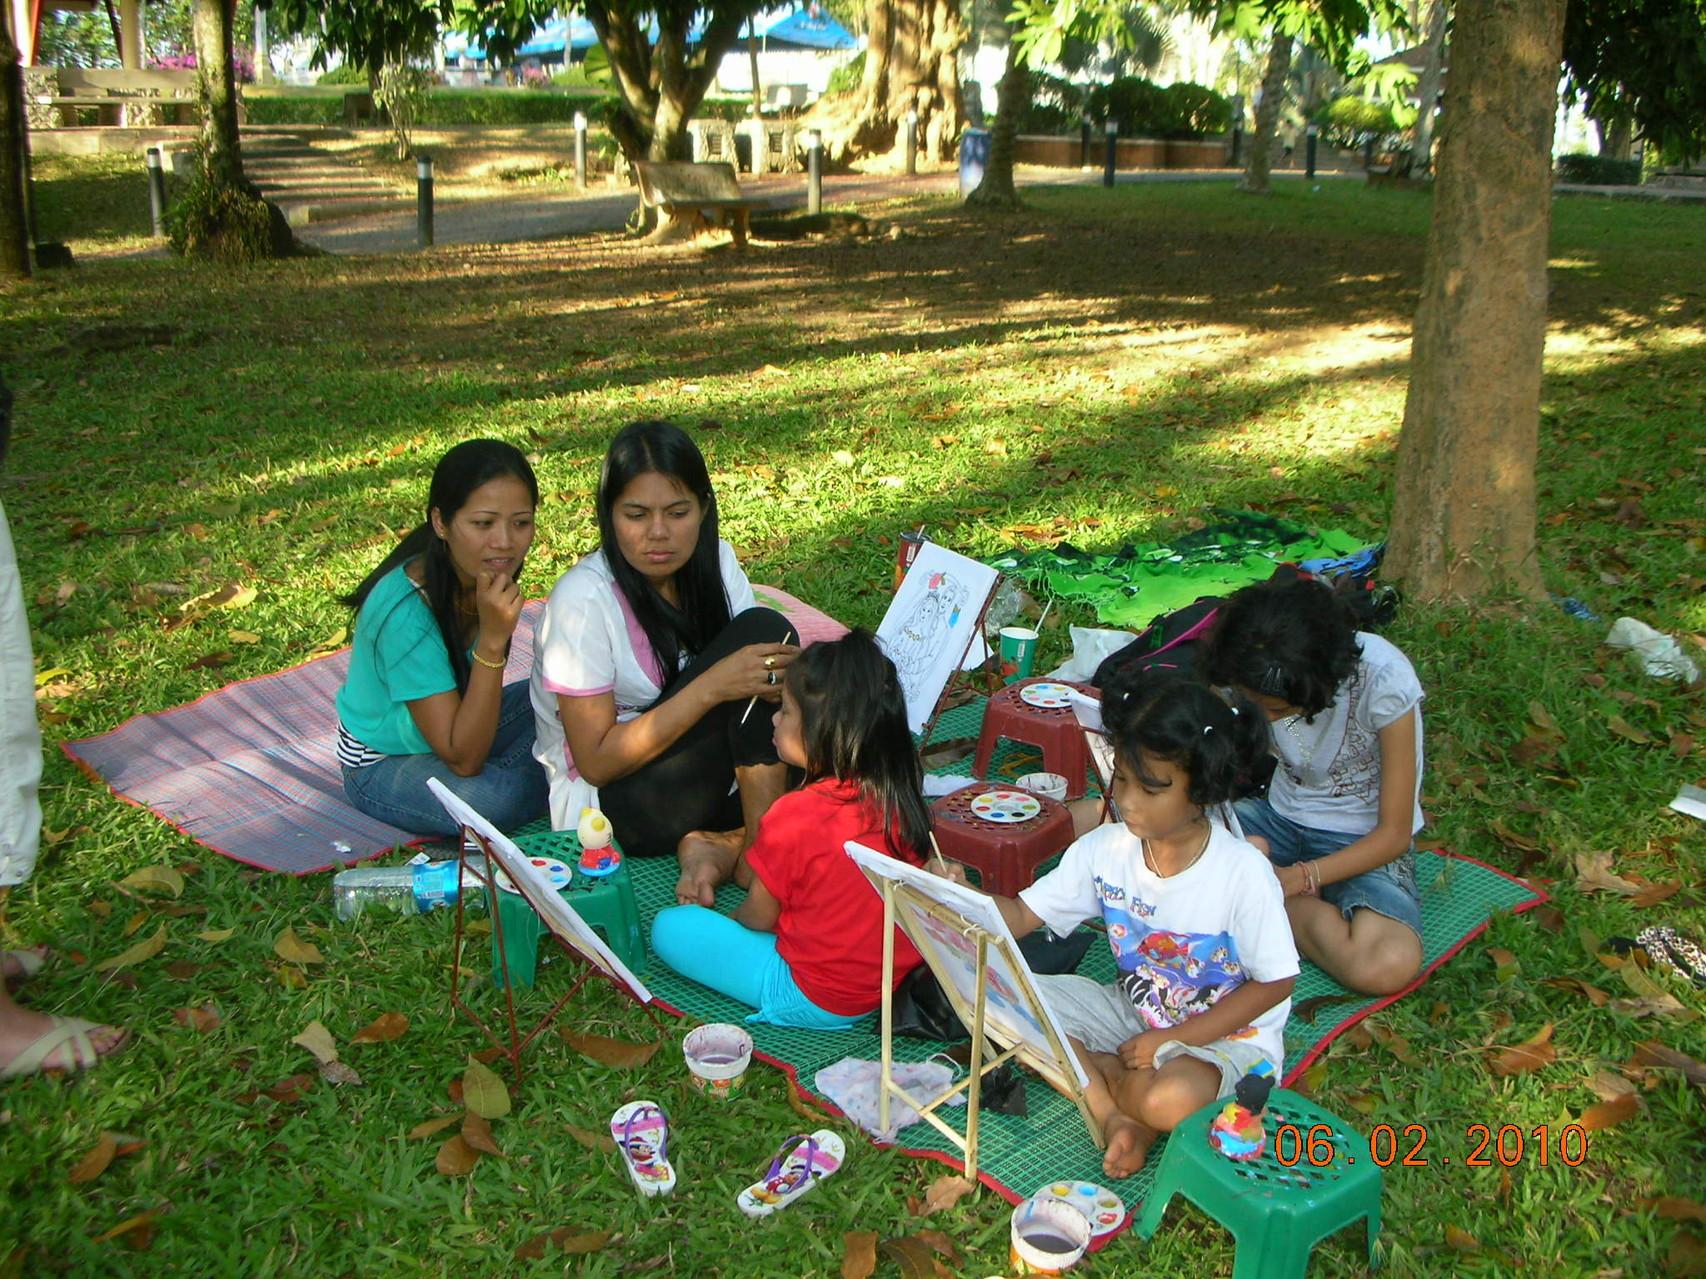 In den meisten Parks gibt es diverse Attraktionen für Kinder